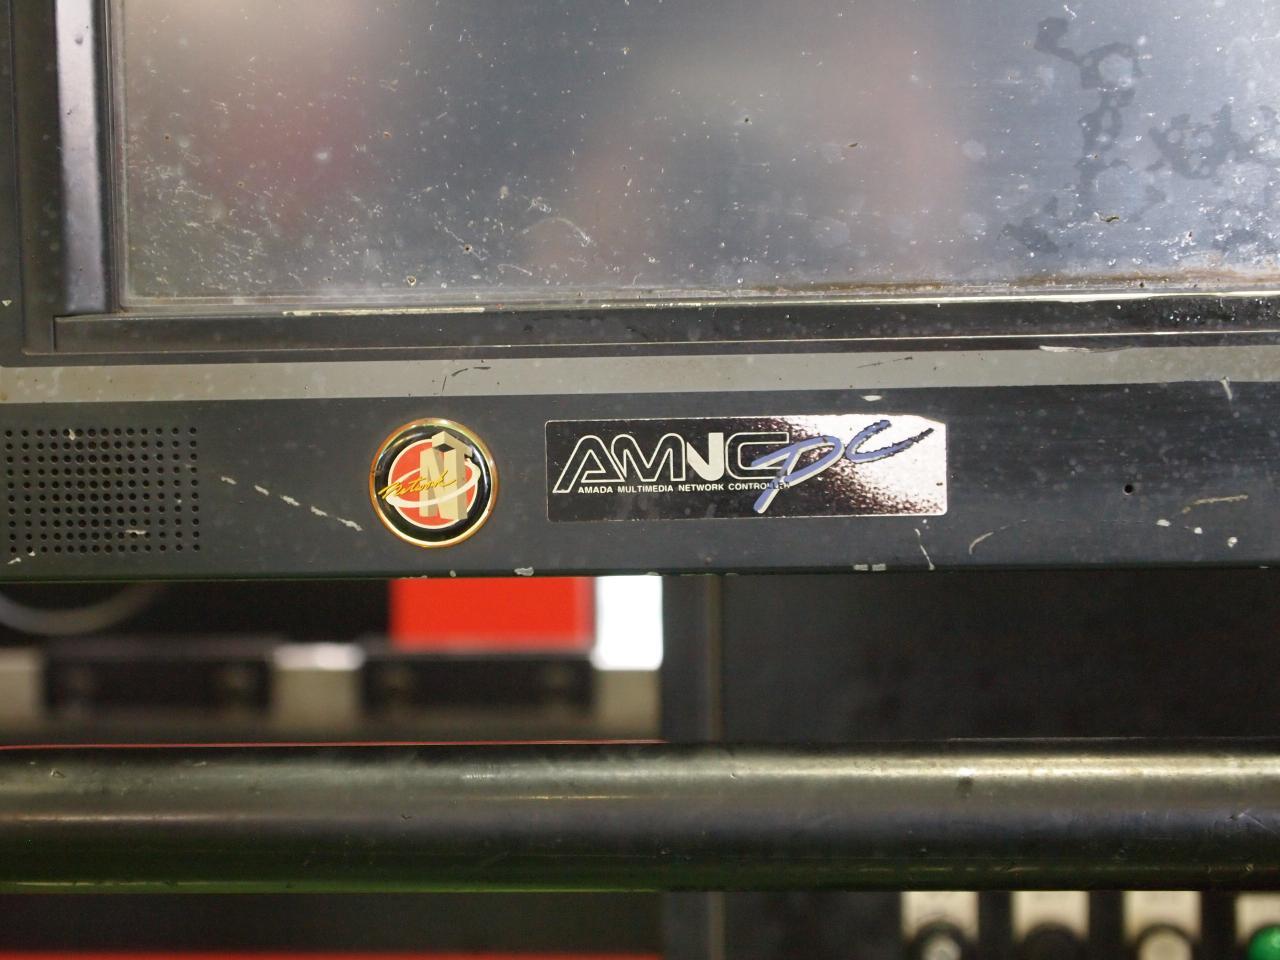 AMNCPC型式ロゴ表示